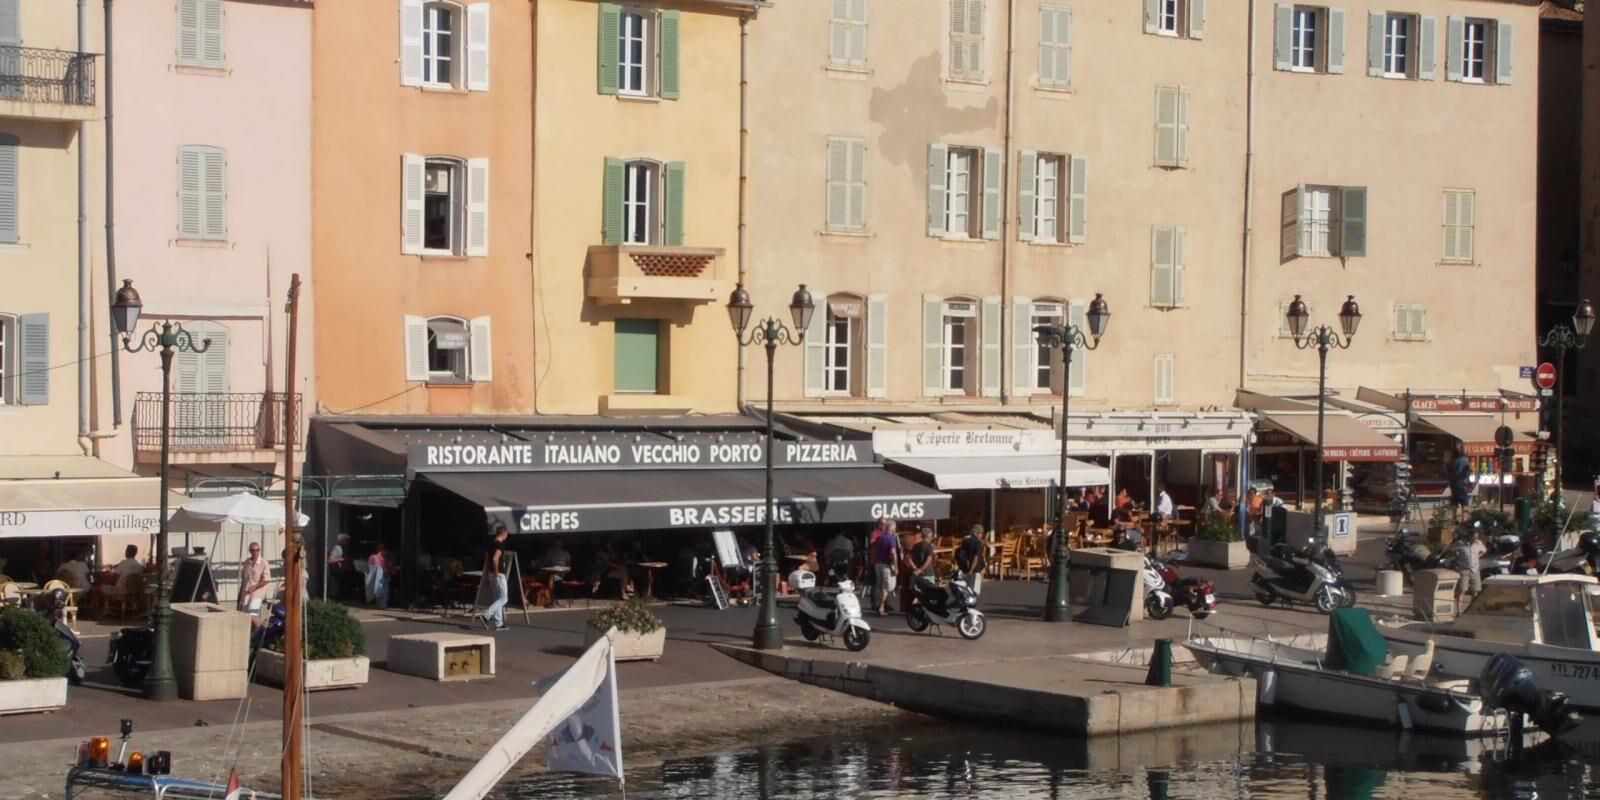 brasserie-restaurant-vecchio-porto-saint-tropez-13835991920